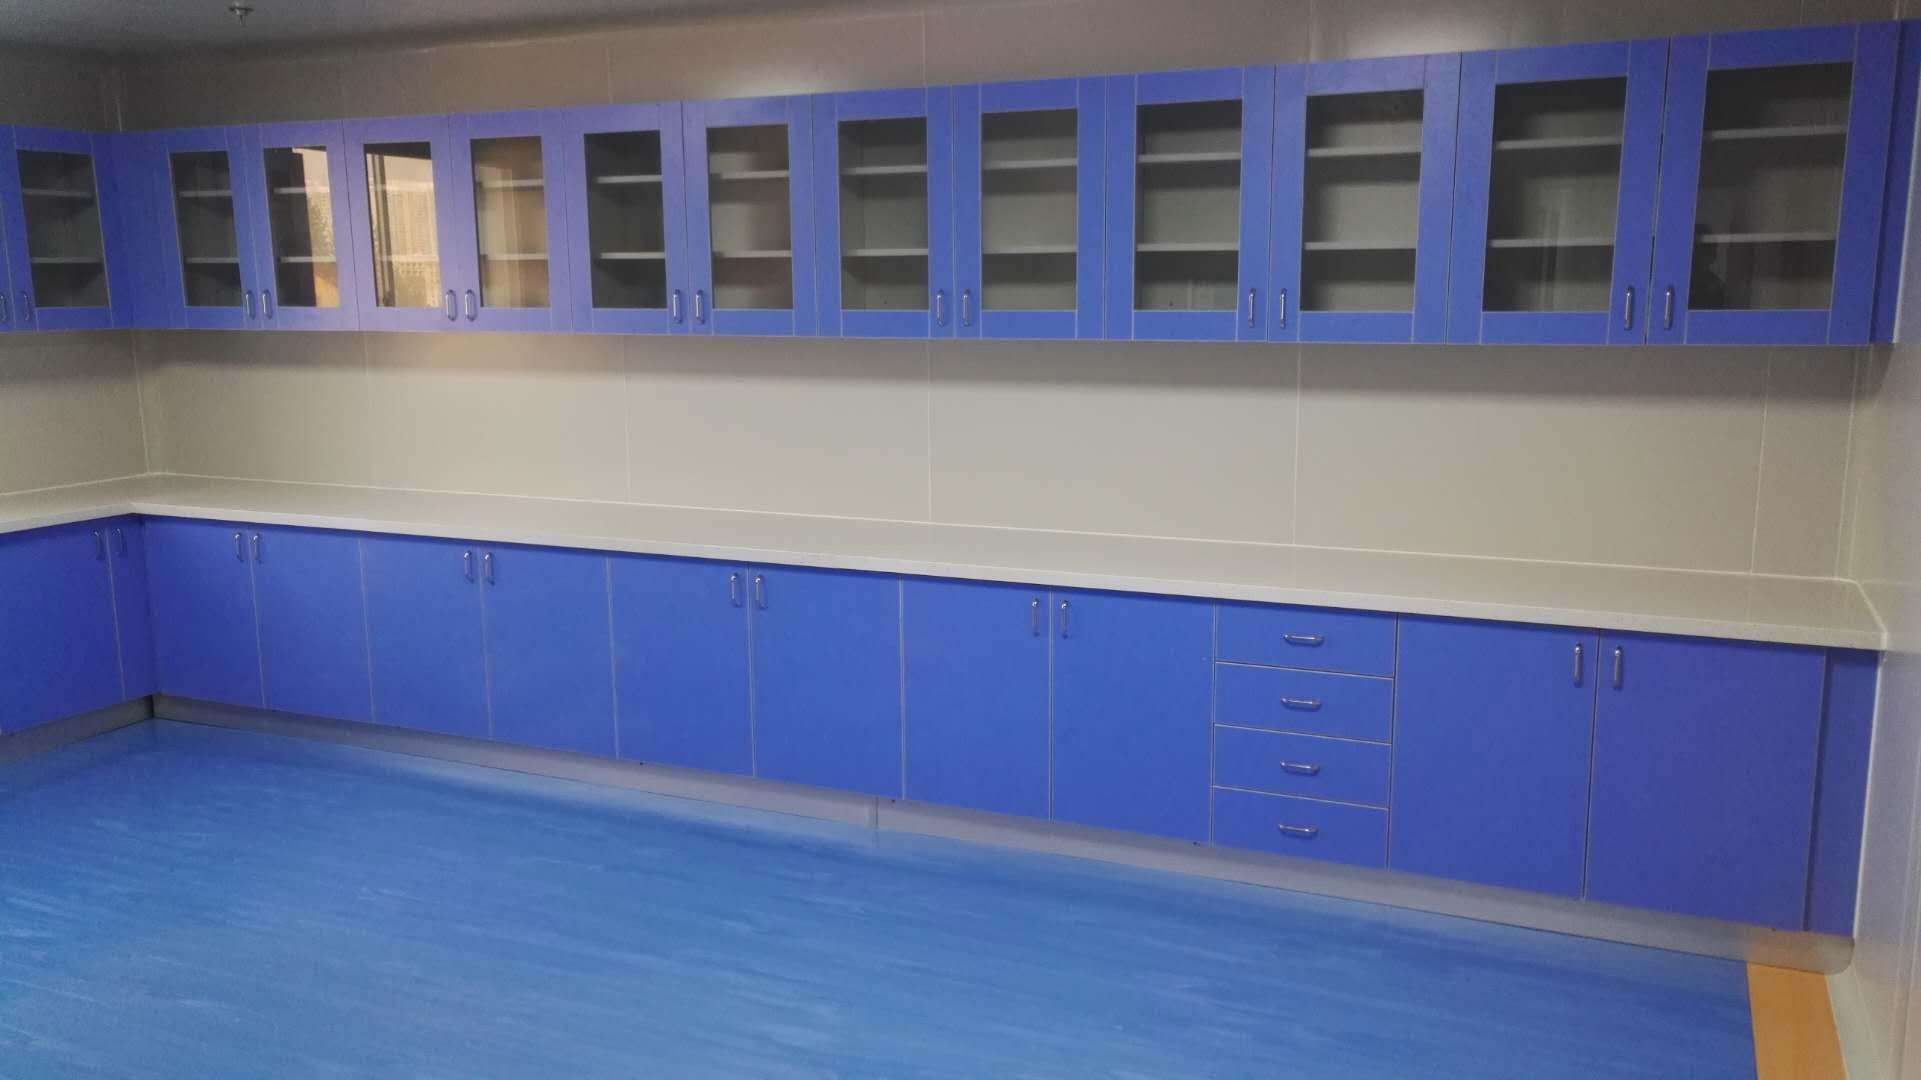 醫療臺生產廠家,廣州瀚宇實驗室提供好用的醫院治療臺